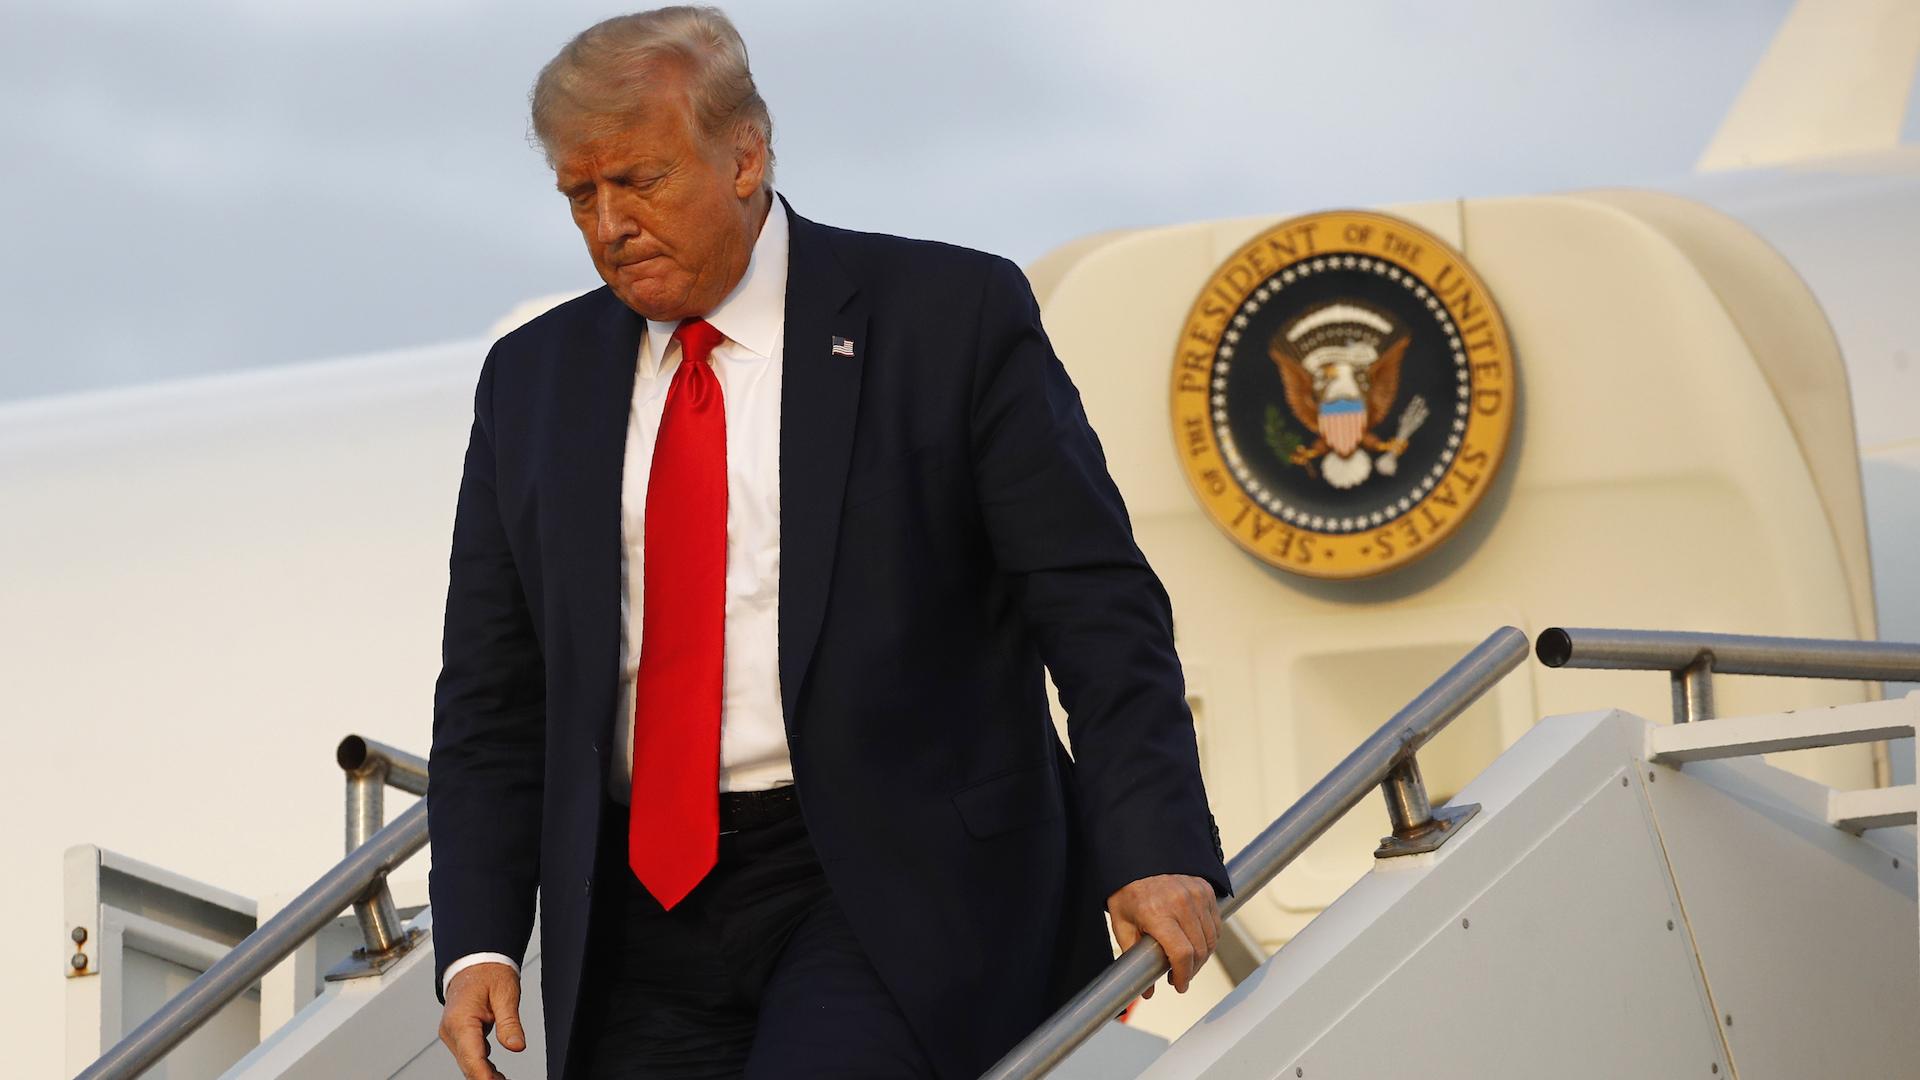 Encuesta AP: Apoyo a Trump cae a su nivel más bajo